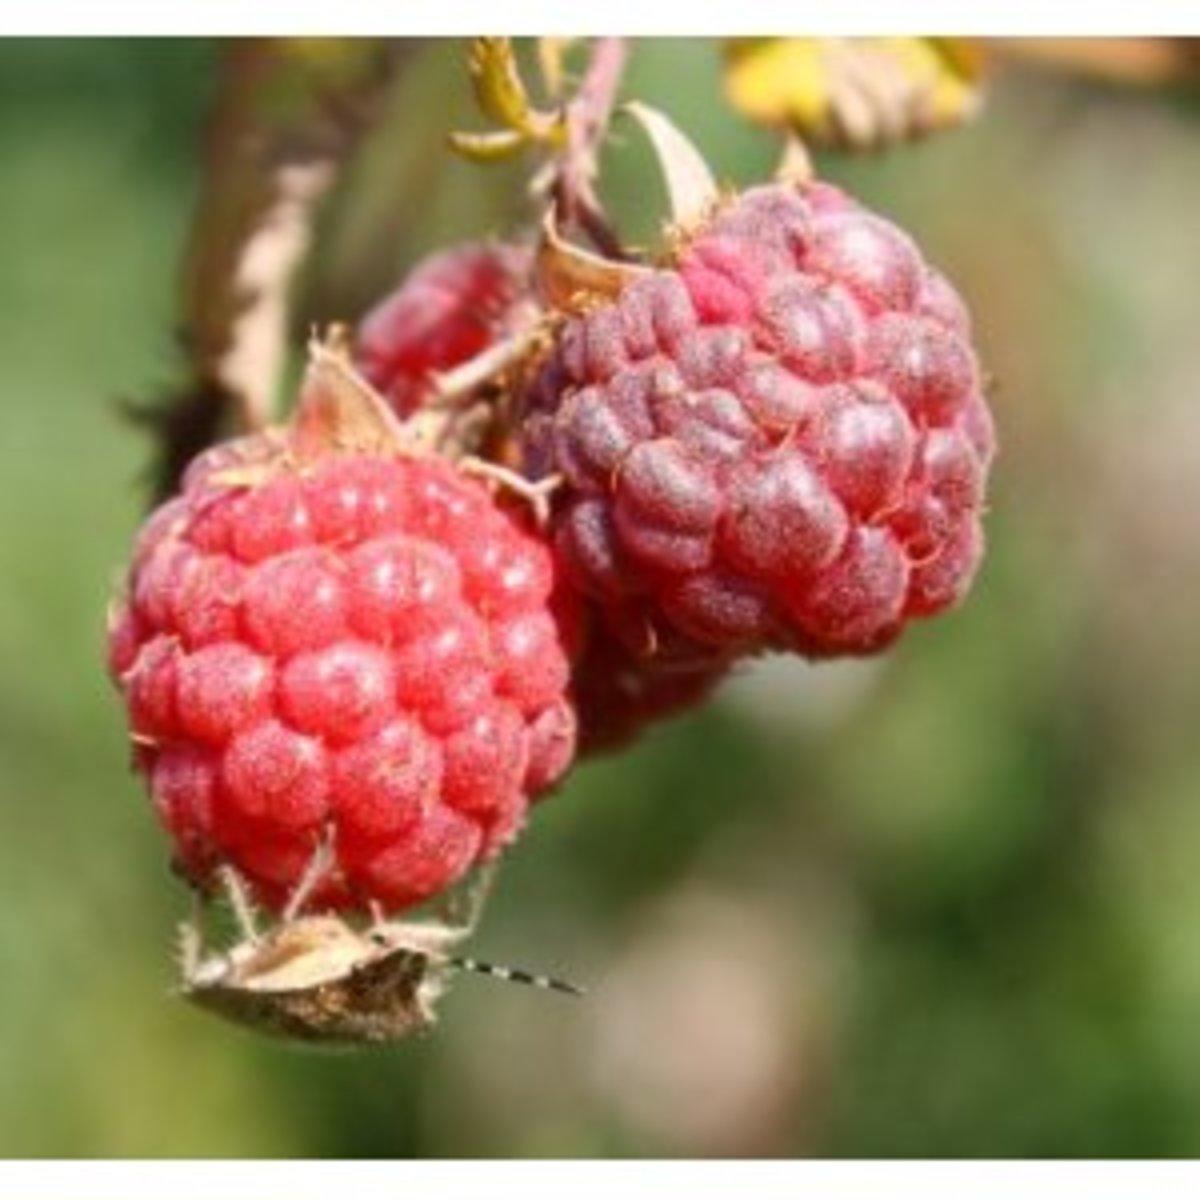 Raspberry beetle. Larvae feed on the fruits of raspberries, blackberries and loganberries.